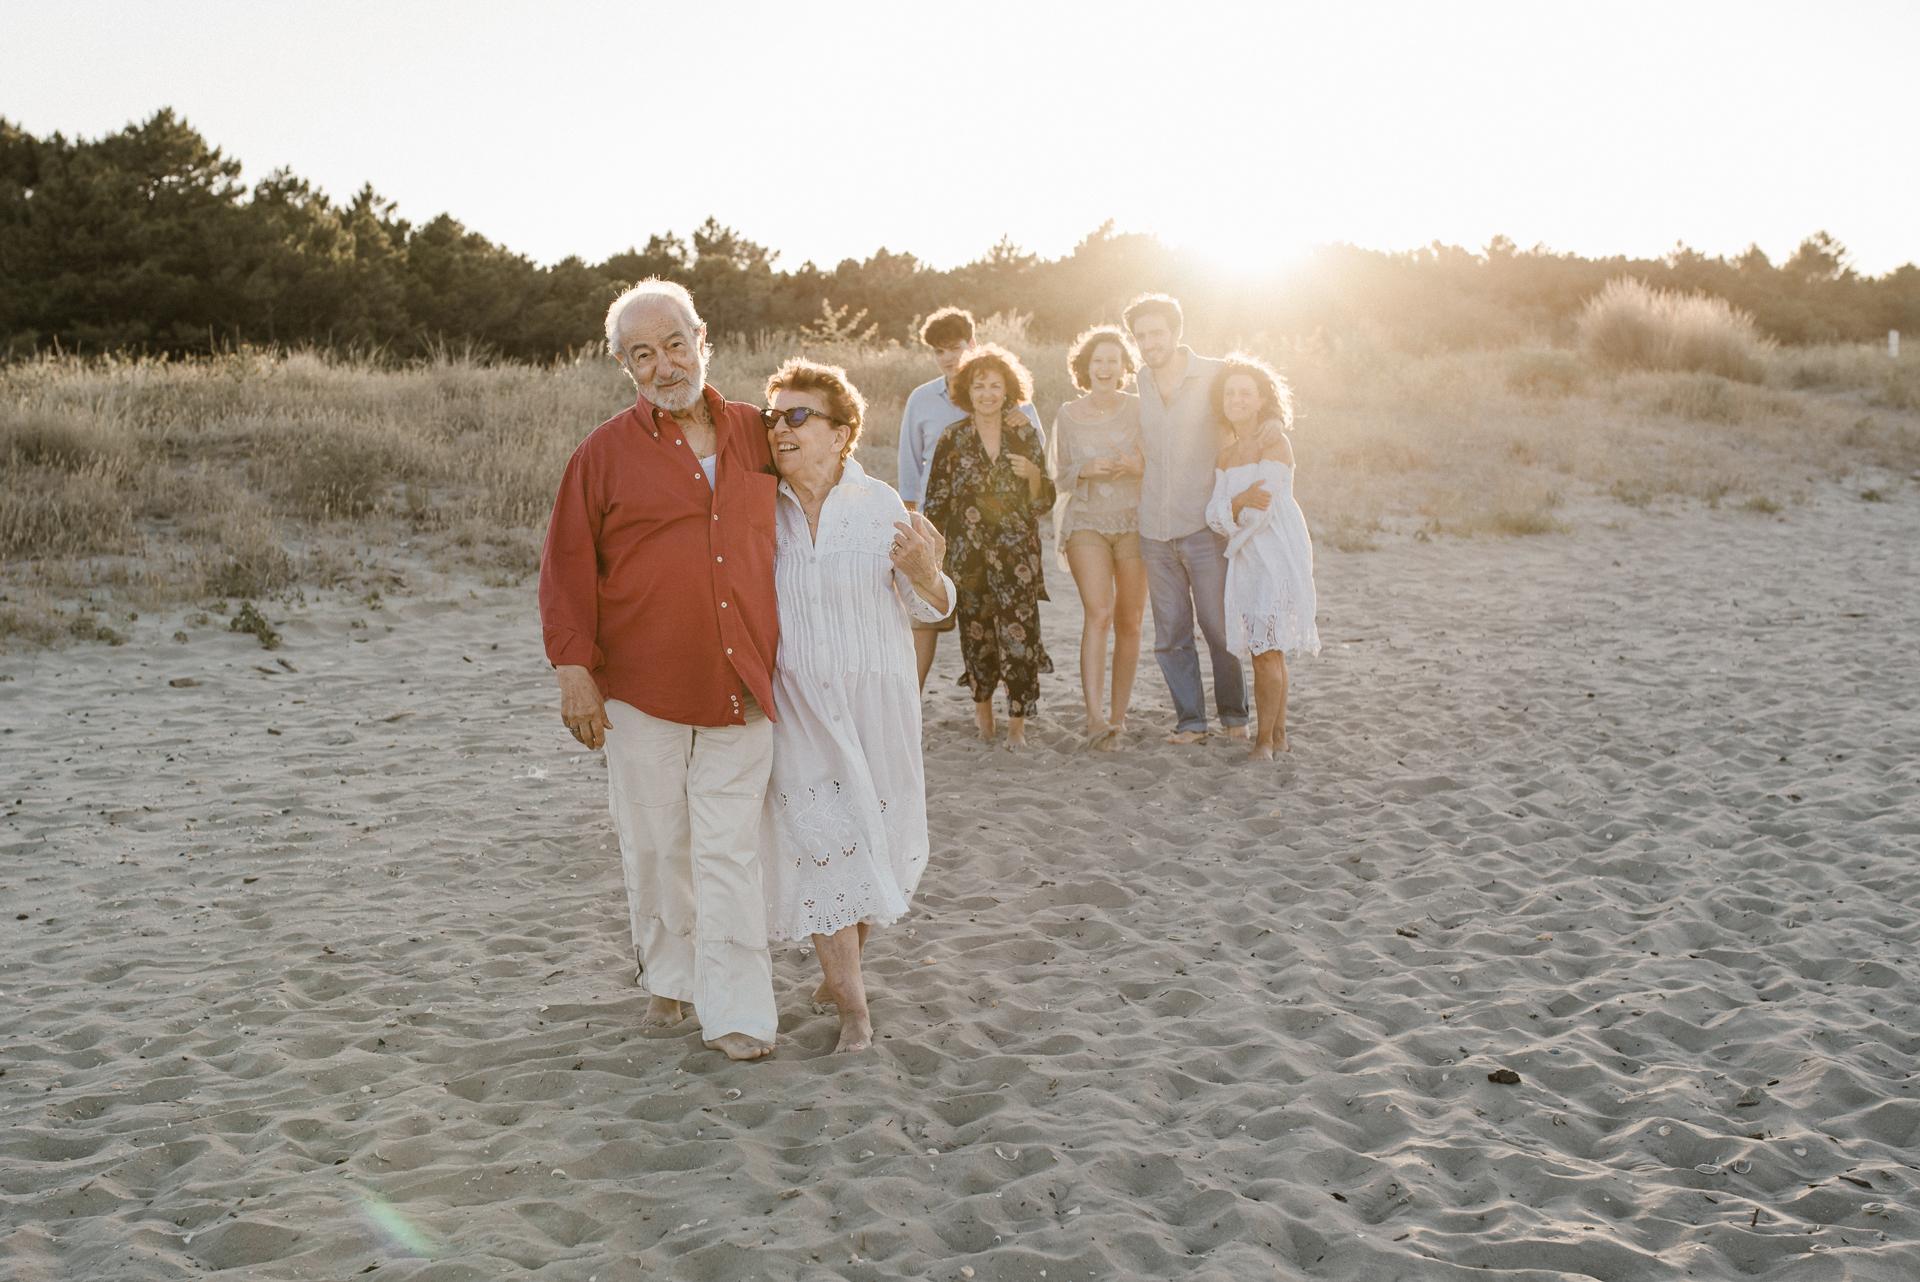 fotografa-famiglia-mare-06